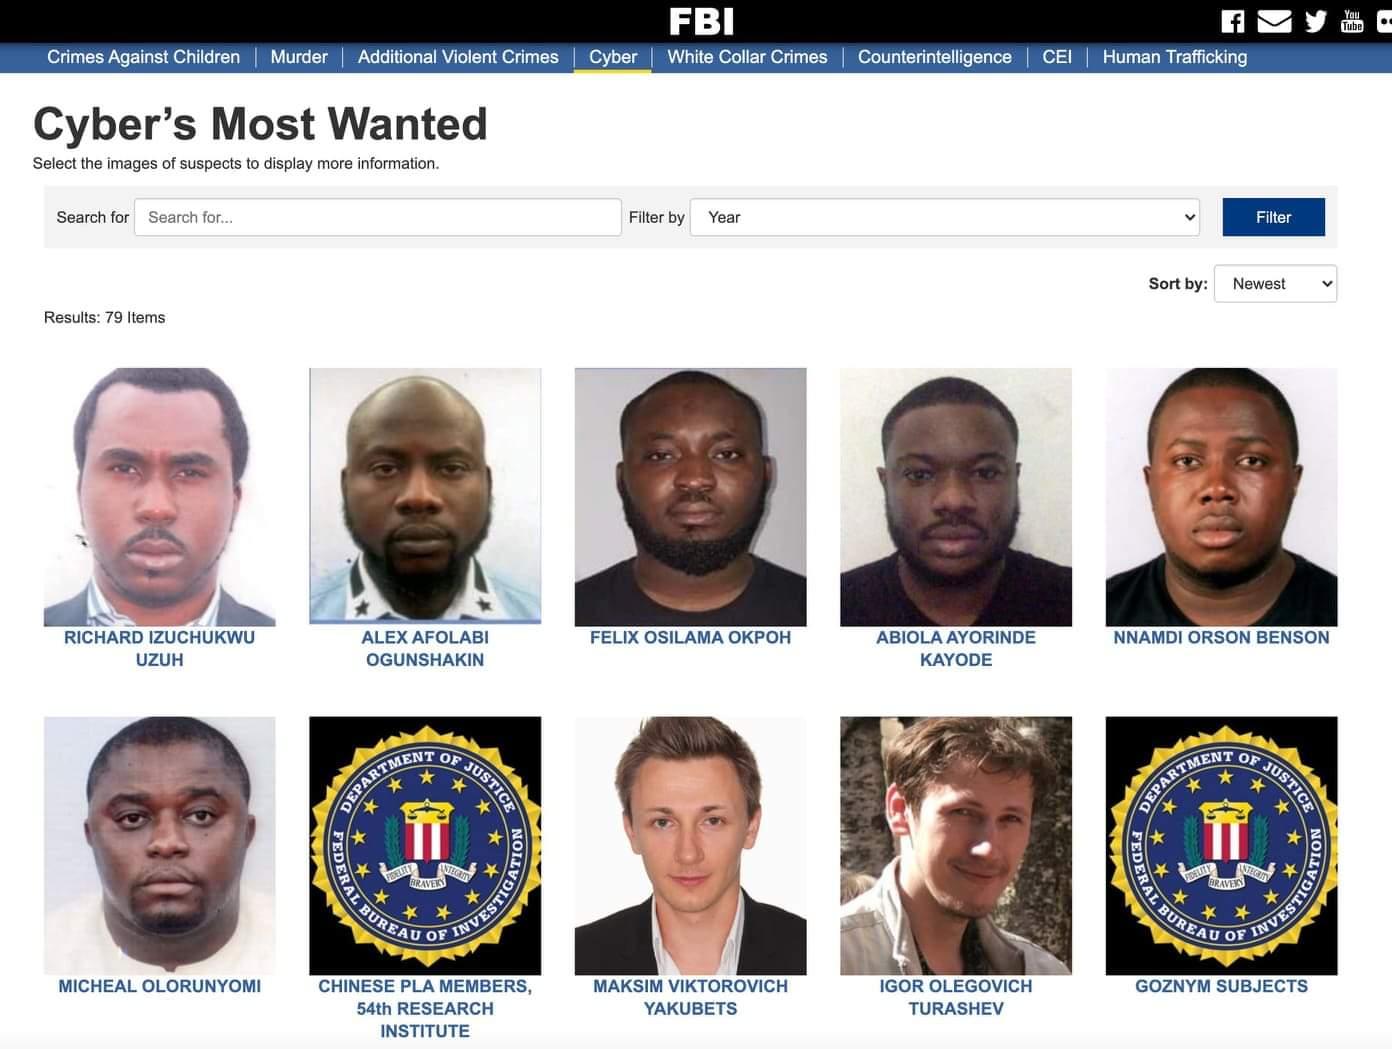 Après Hushpuppi, 6 autres cybercriminels nigérians sont recherchés activement par le FBI